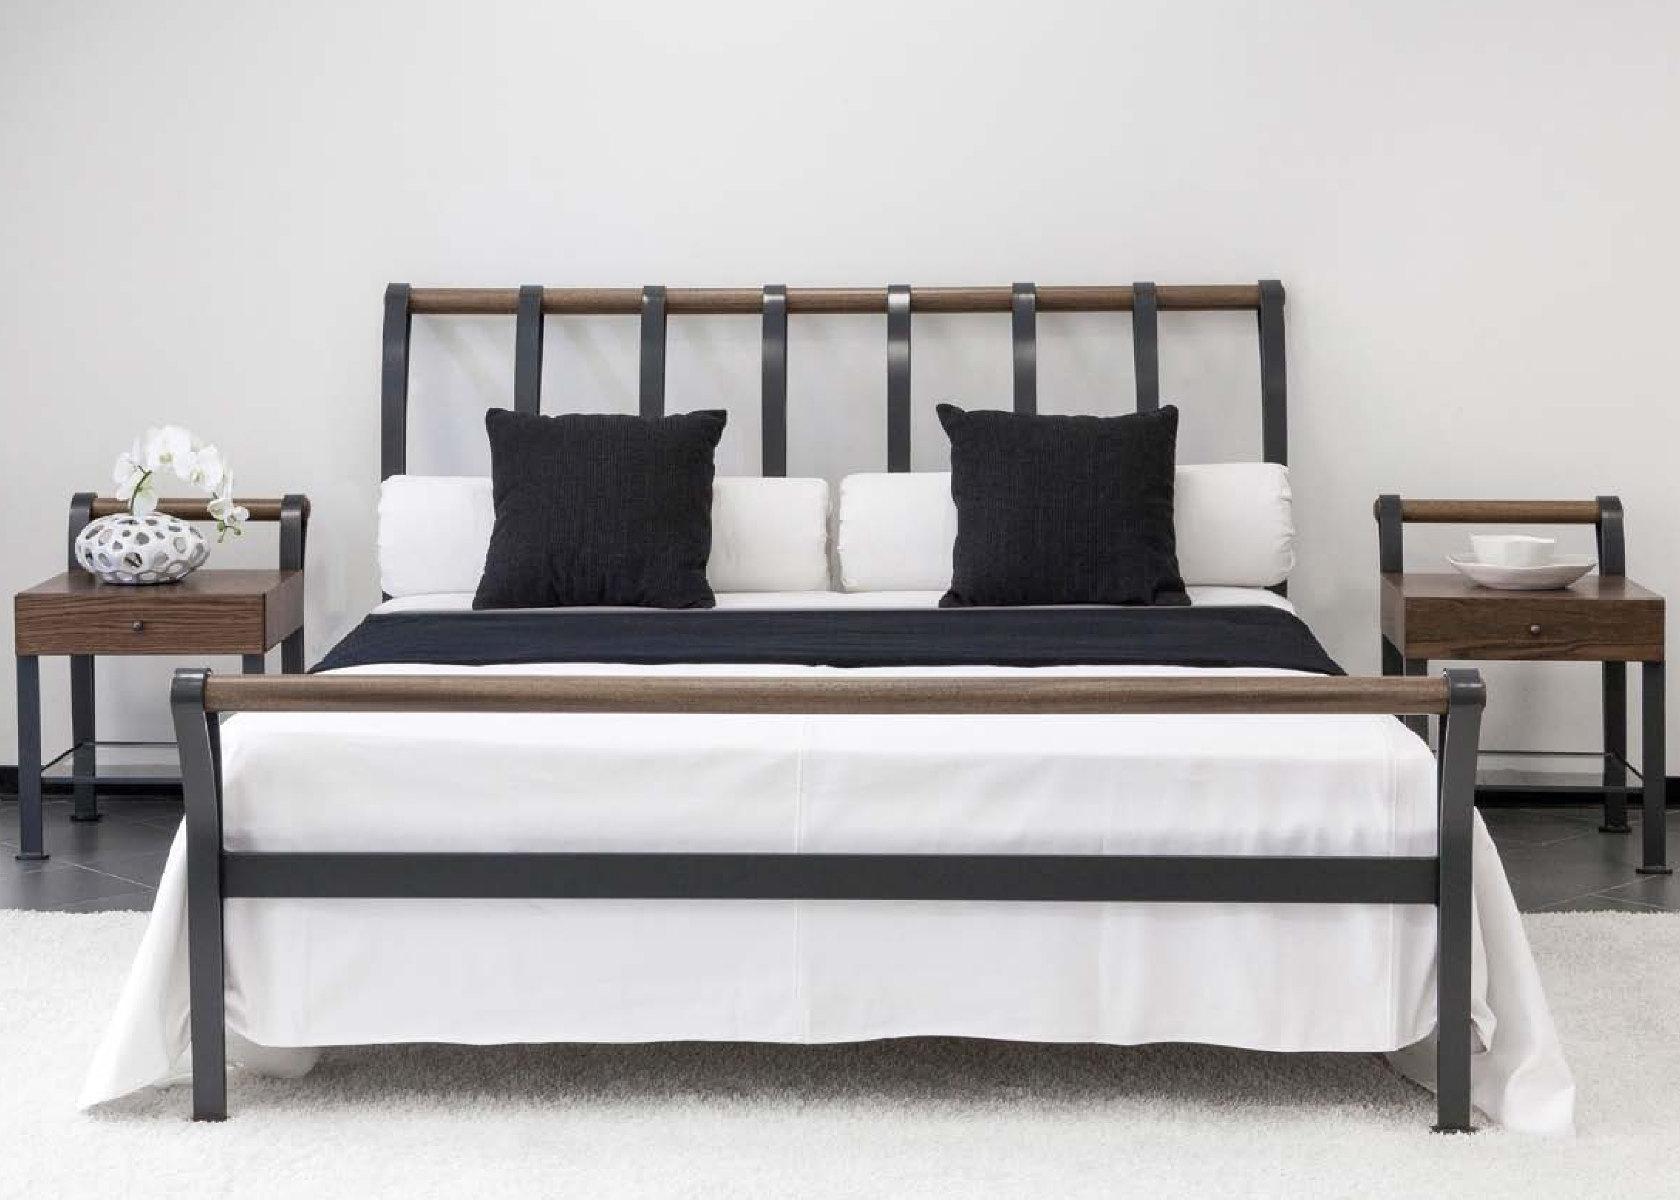 Full Size of Metall Bett Vorteile Metallbett Metallbettenshop Amerikanische Betten Gebrauchte Dico Hasena Graues Weiße Günstig Kaufen 180x200 Weiß 100x200 90x200 Bett Metall Bett